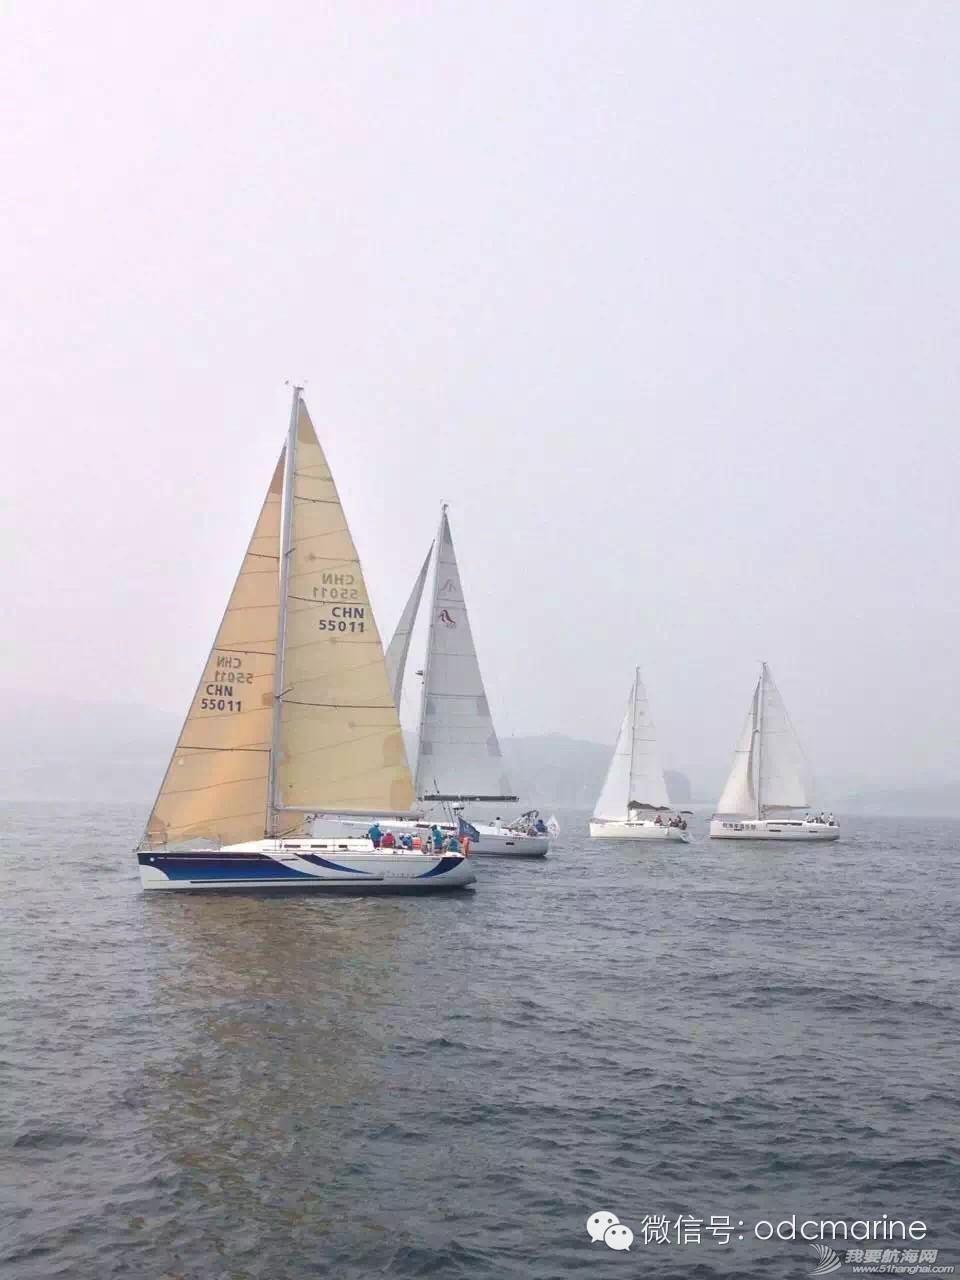 麦昂逊孙大当家的帆航历程 0?wx_fmt=jpeg.jpg